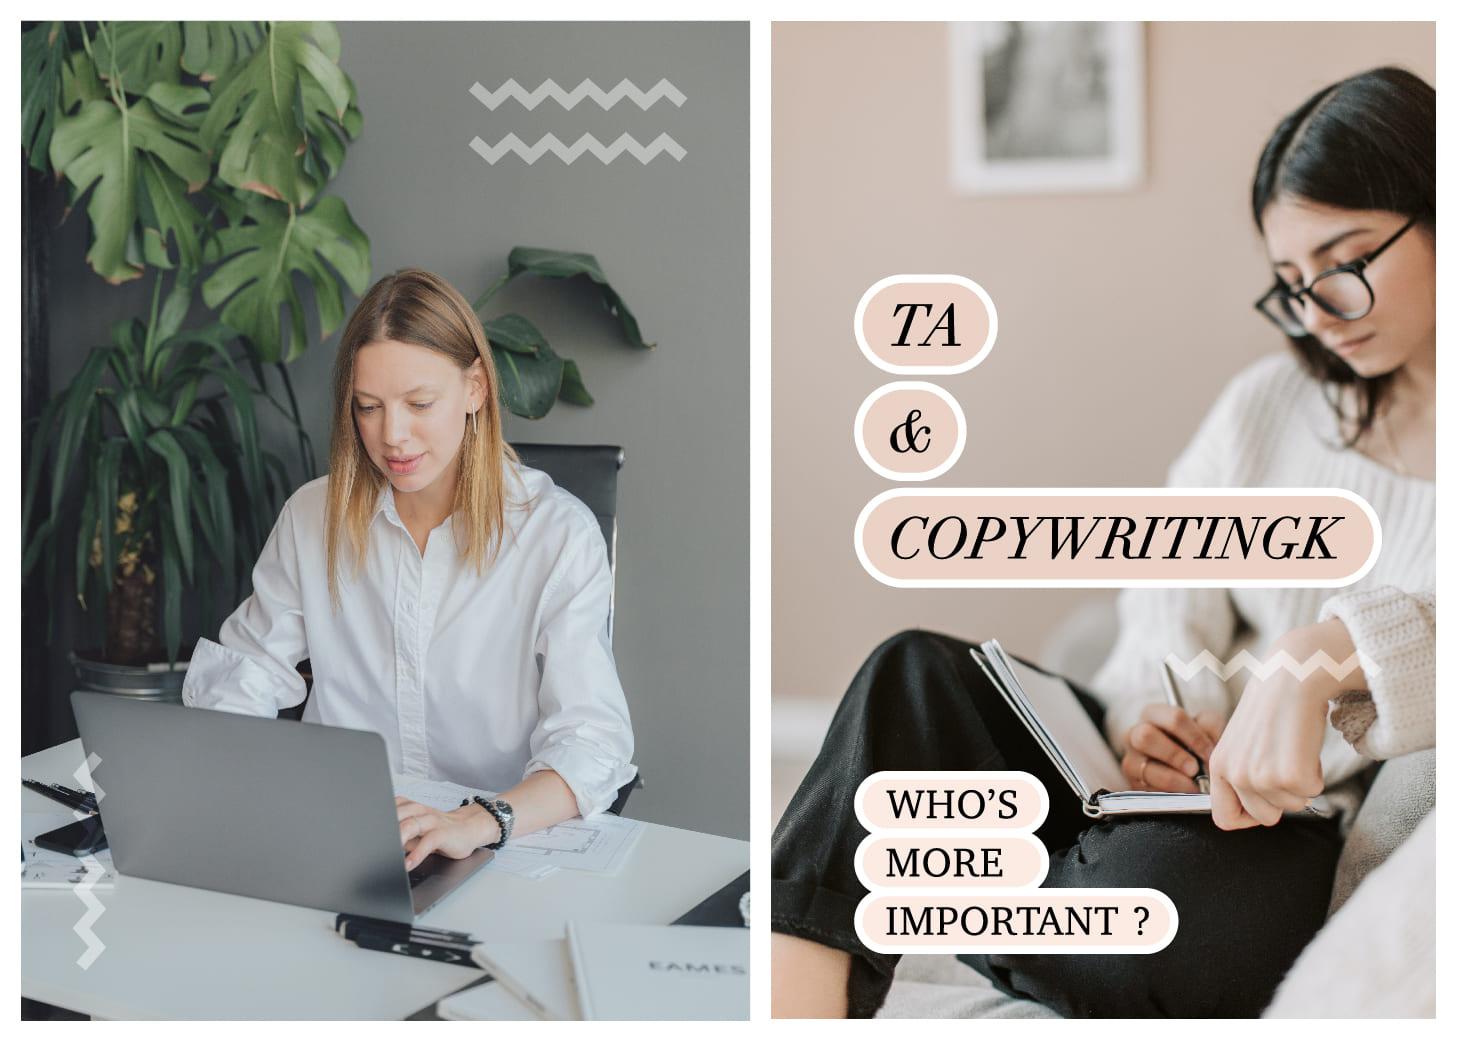 【行銷人】「文案與TA」的愛恨情仇 —— 感人文案就是TA的菜?一TA足代表所有TA? TA & Copywritingk.... Who's more important?